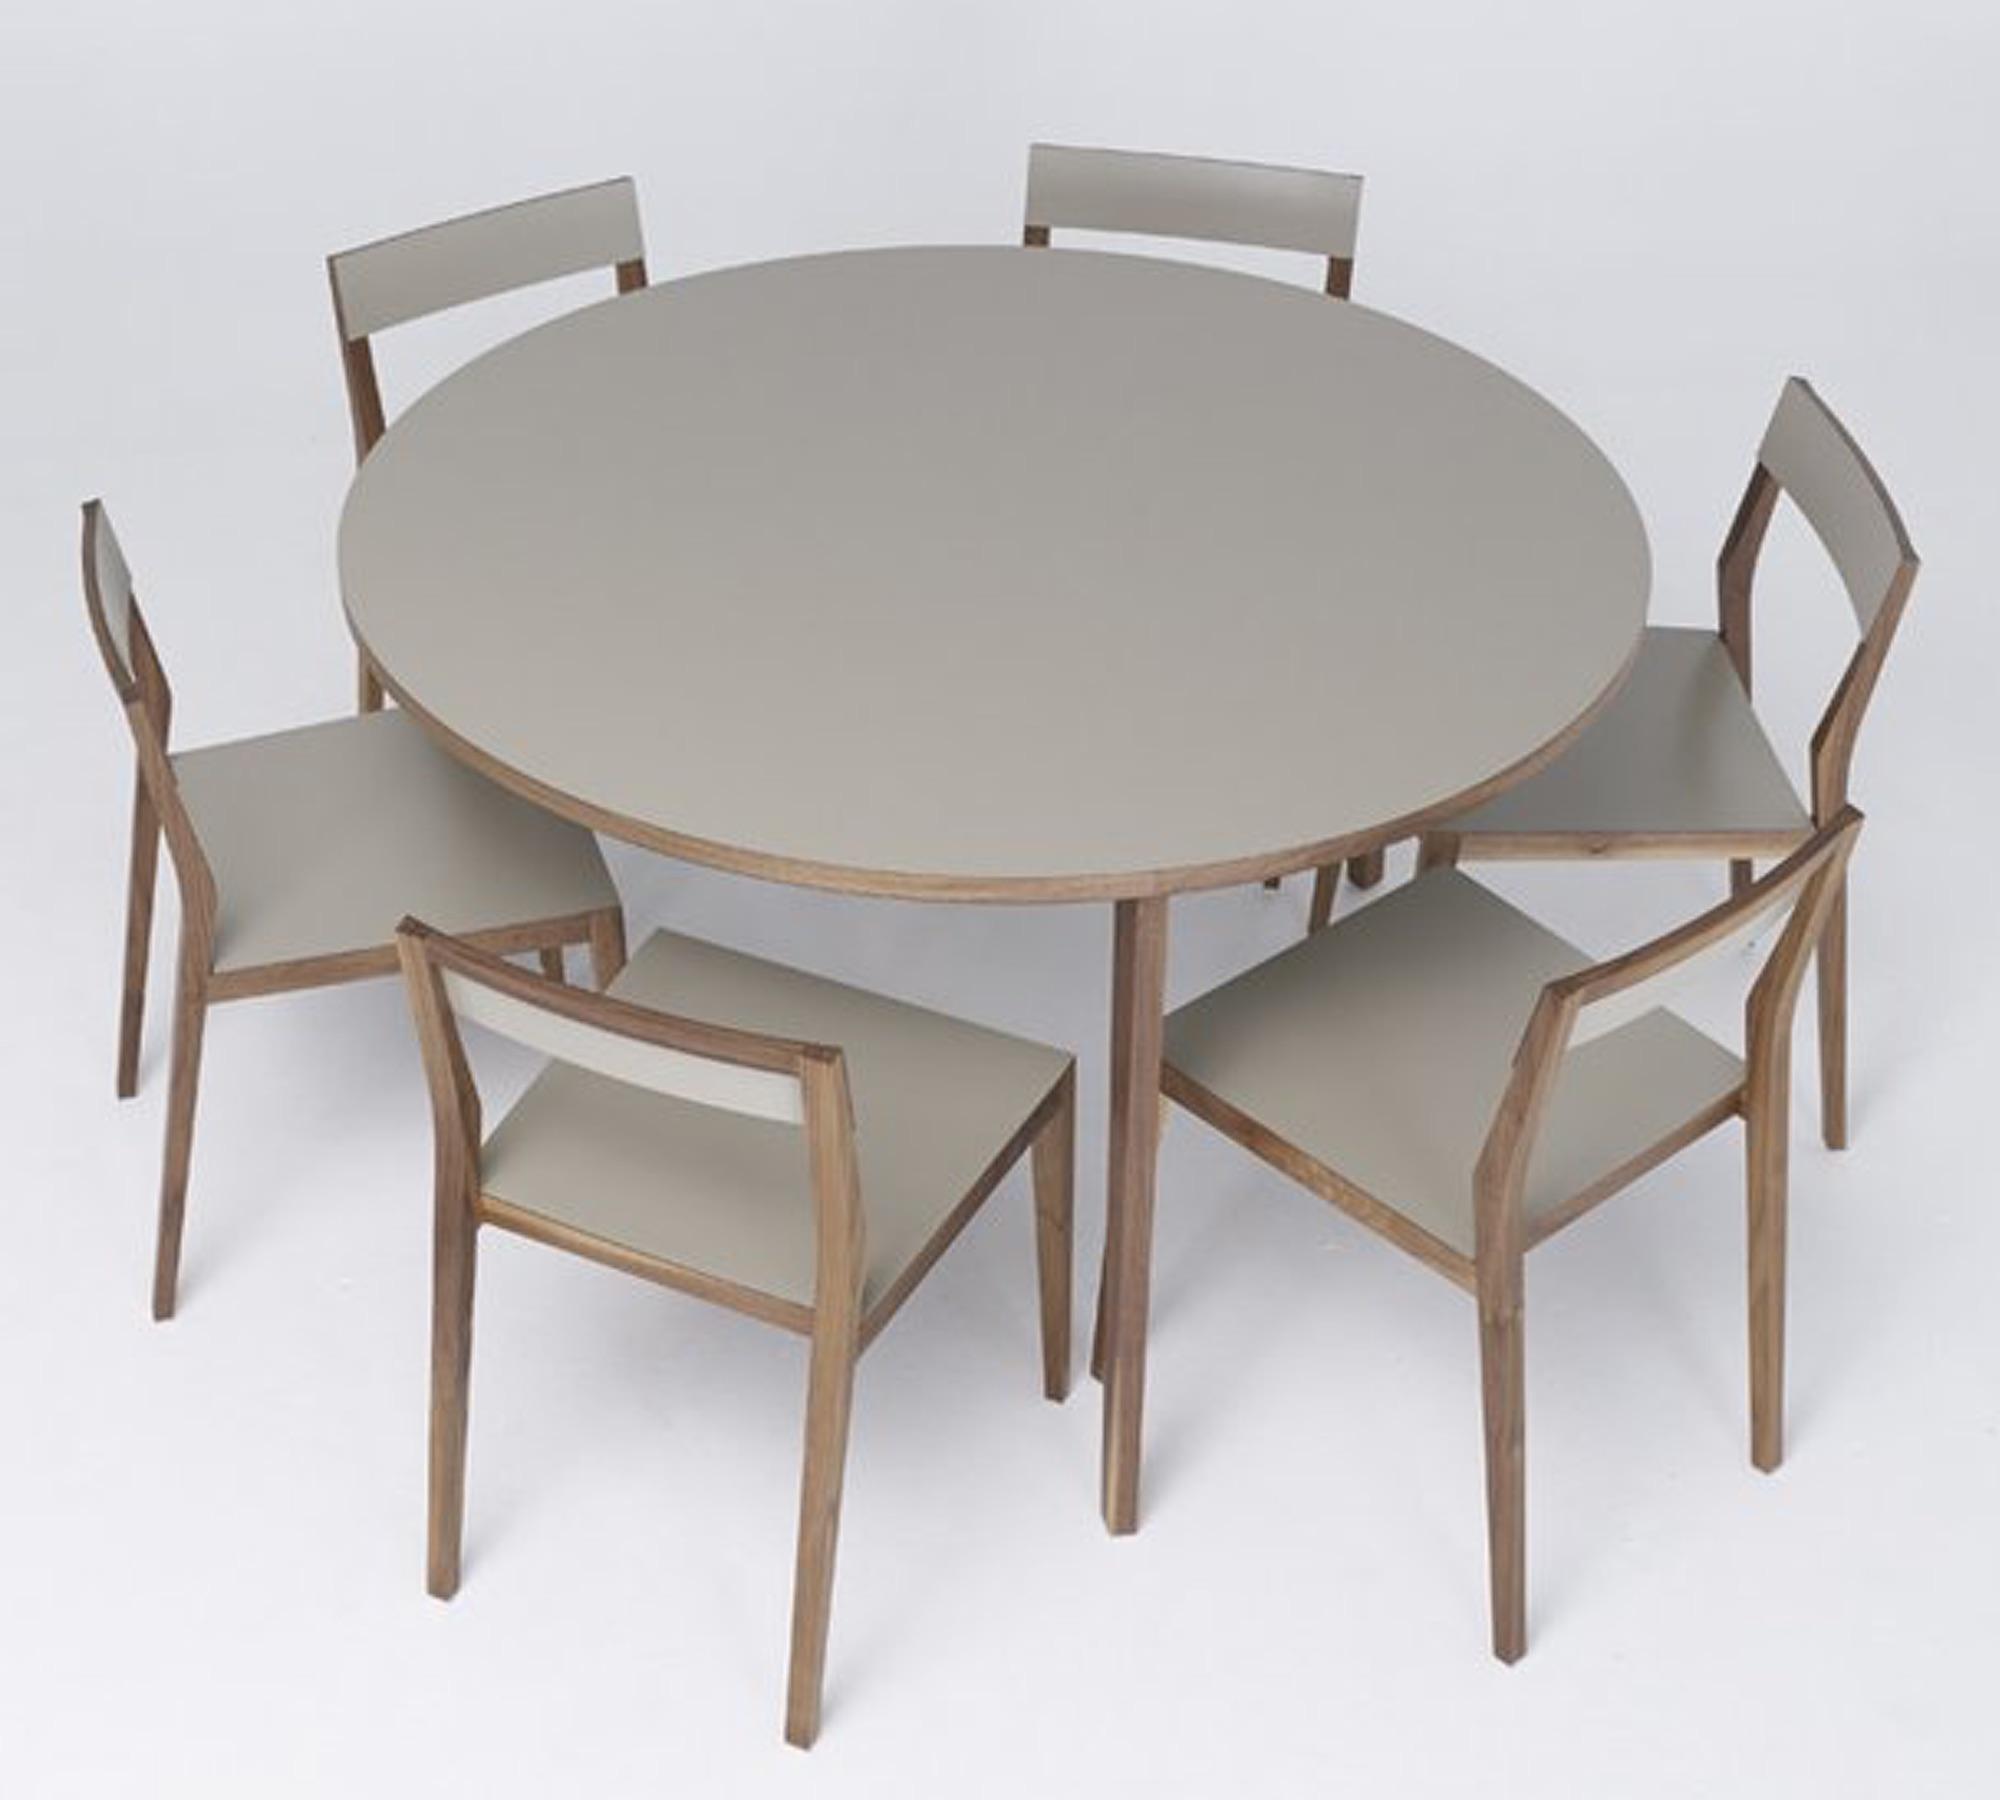 Full Size of Mint Design Tisch Table Aus Massivholz Rund Esszimmertische Esstische Massiv Vietnam Rundreise Und Baden Rundes Fenster Marokko Runde Betten Designer Kleine Esstische Esstische Rund